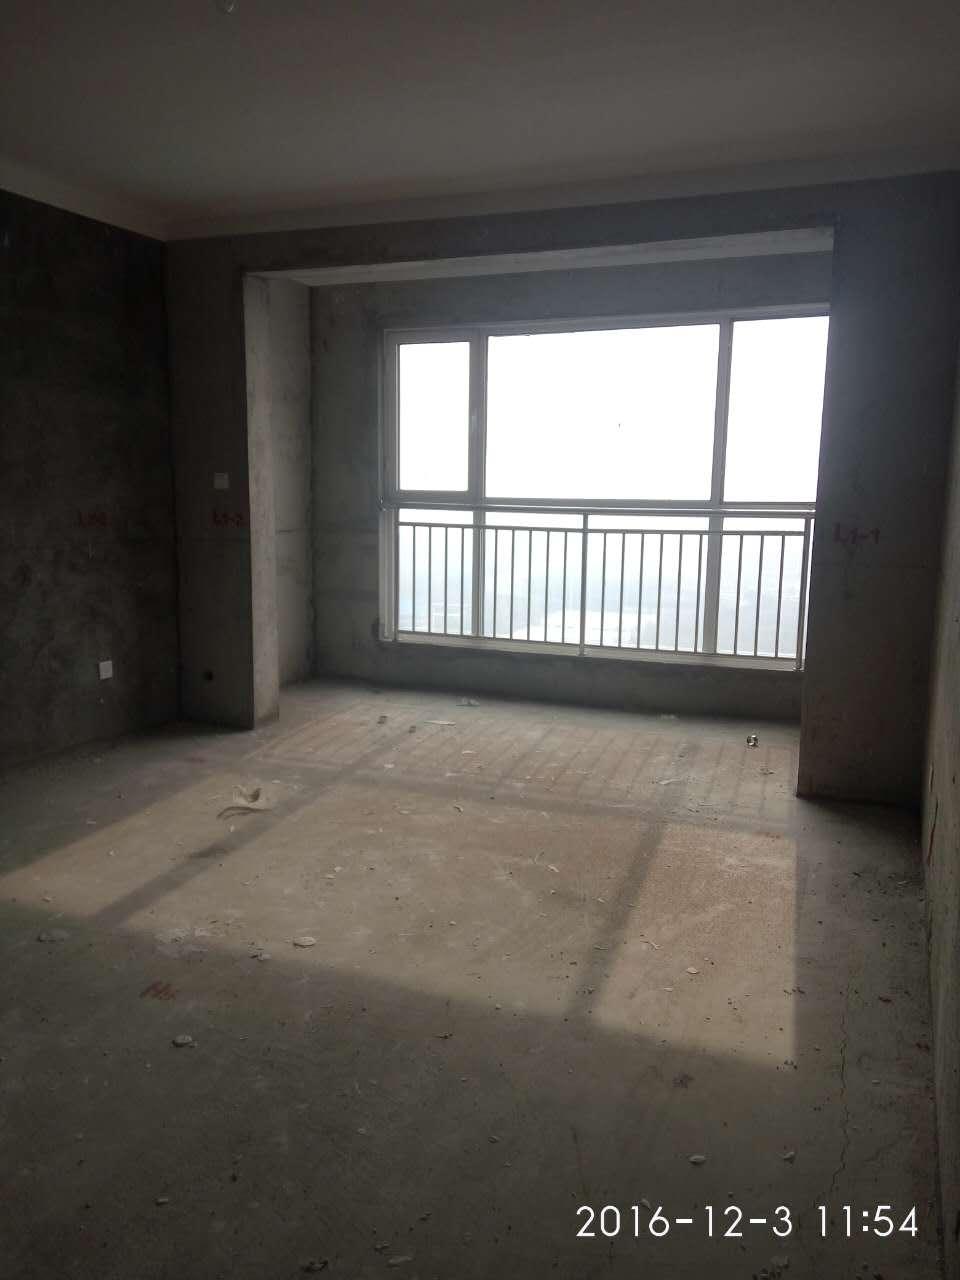 月亮湾 3室2厅  毛坯 125万房型图